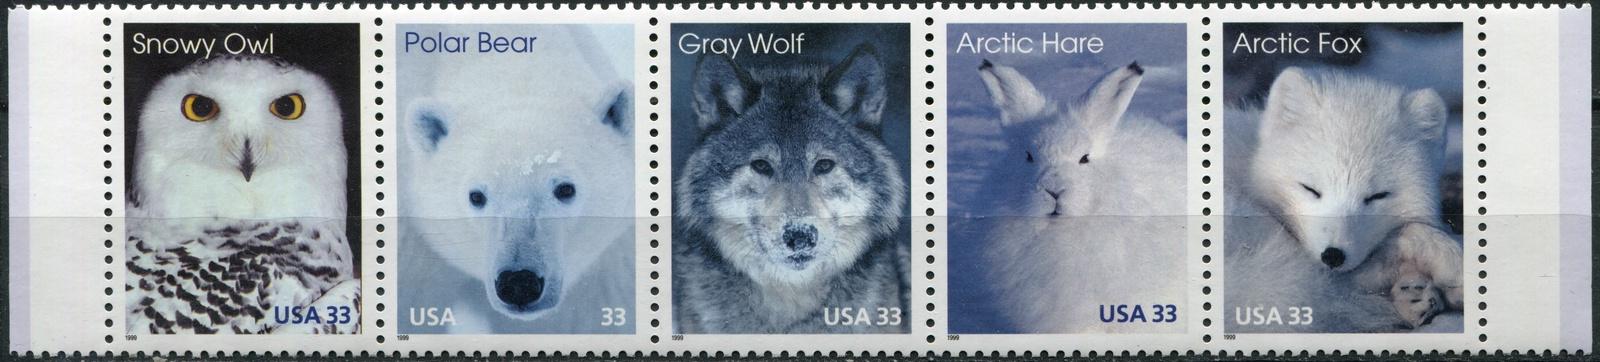 США. 1999. Арктические животные (Сцепка почтовых марок. MNH OG) юрий слёзкин арктические зеркала